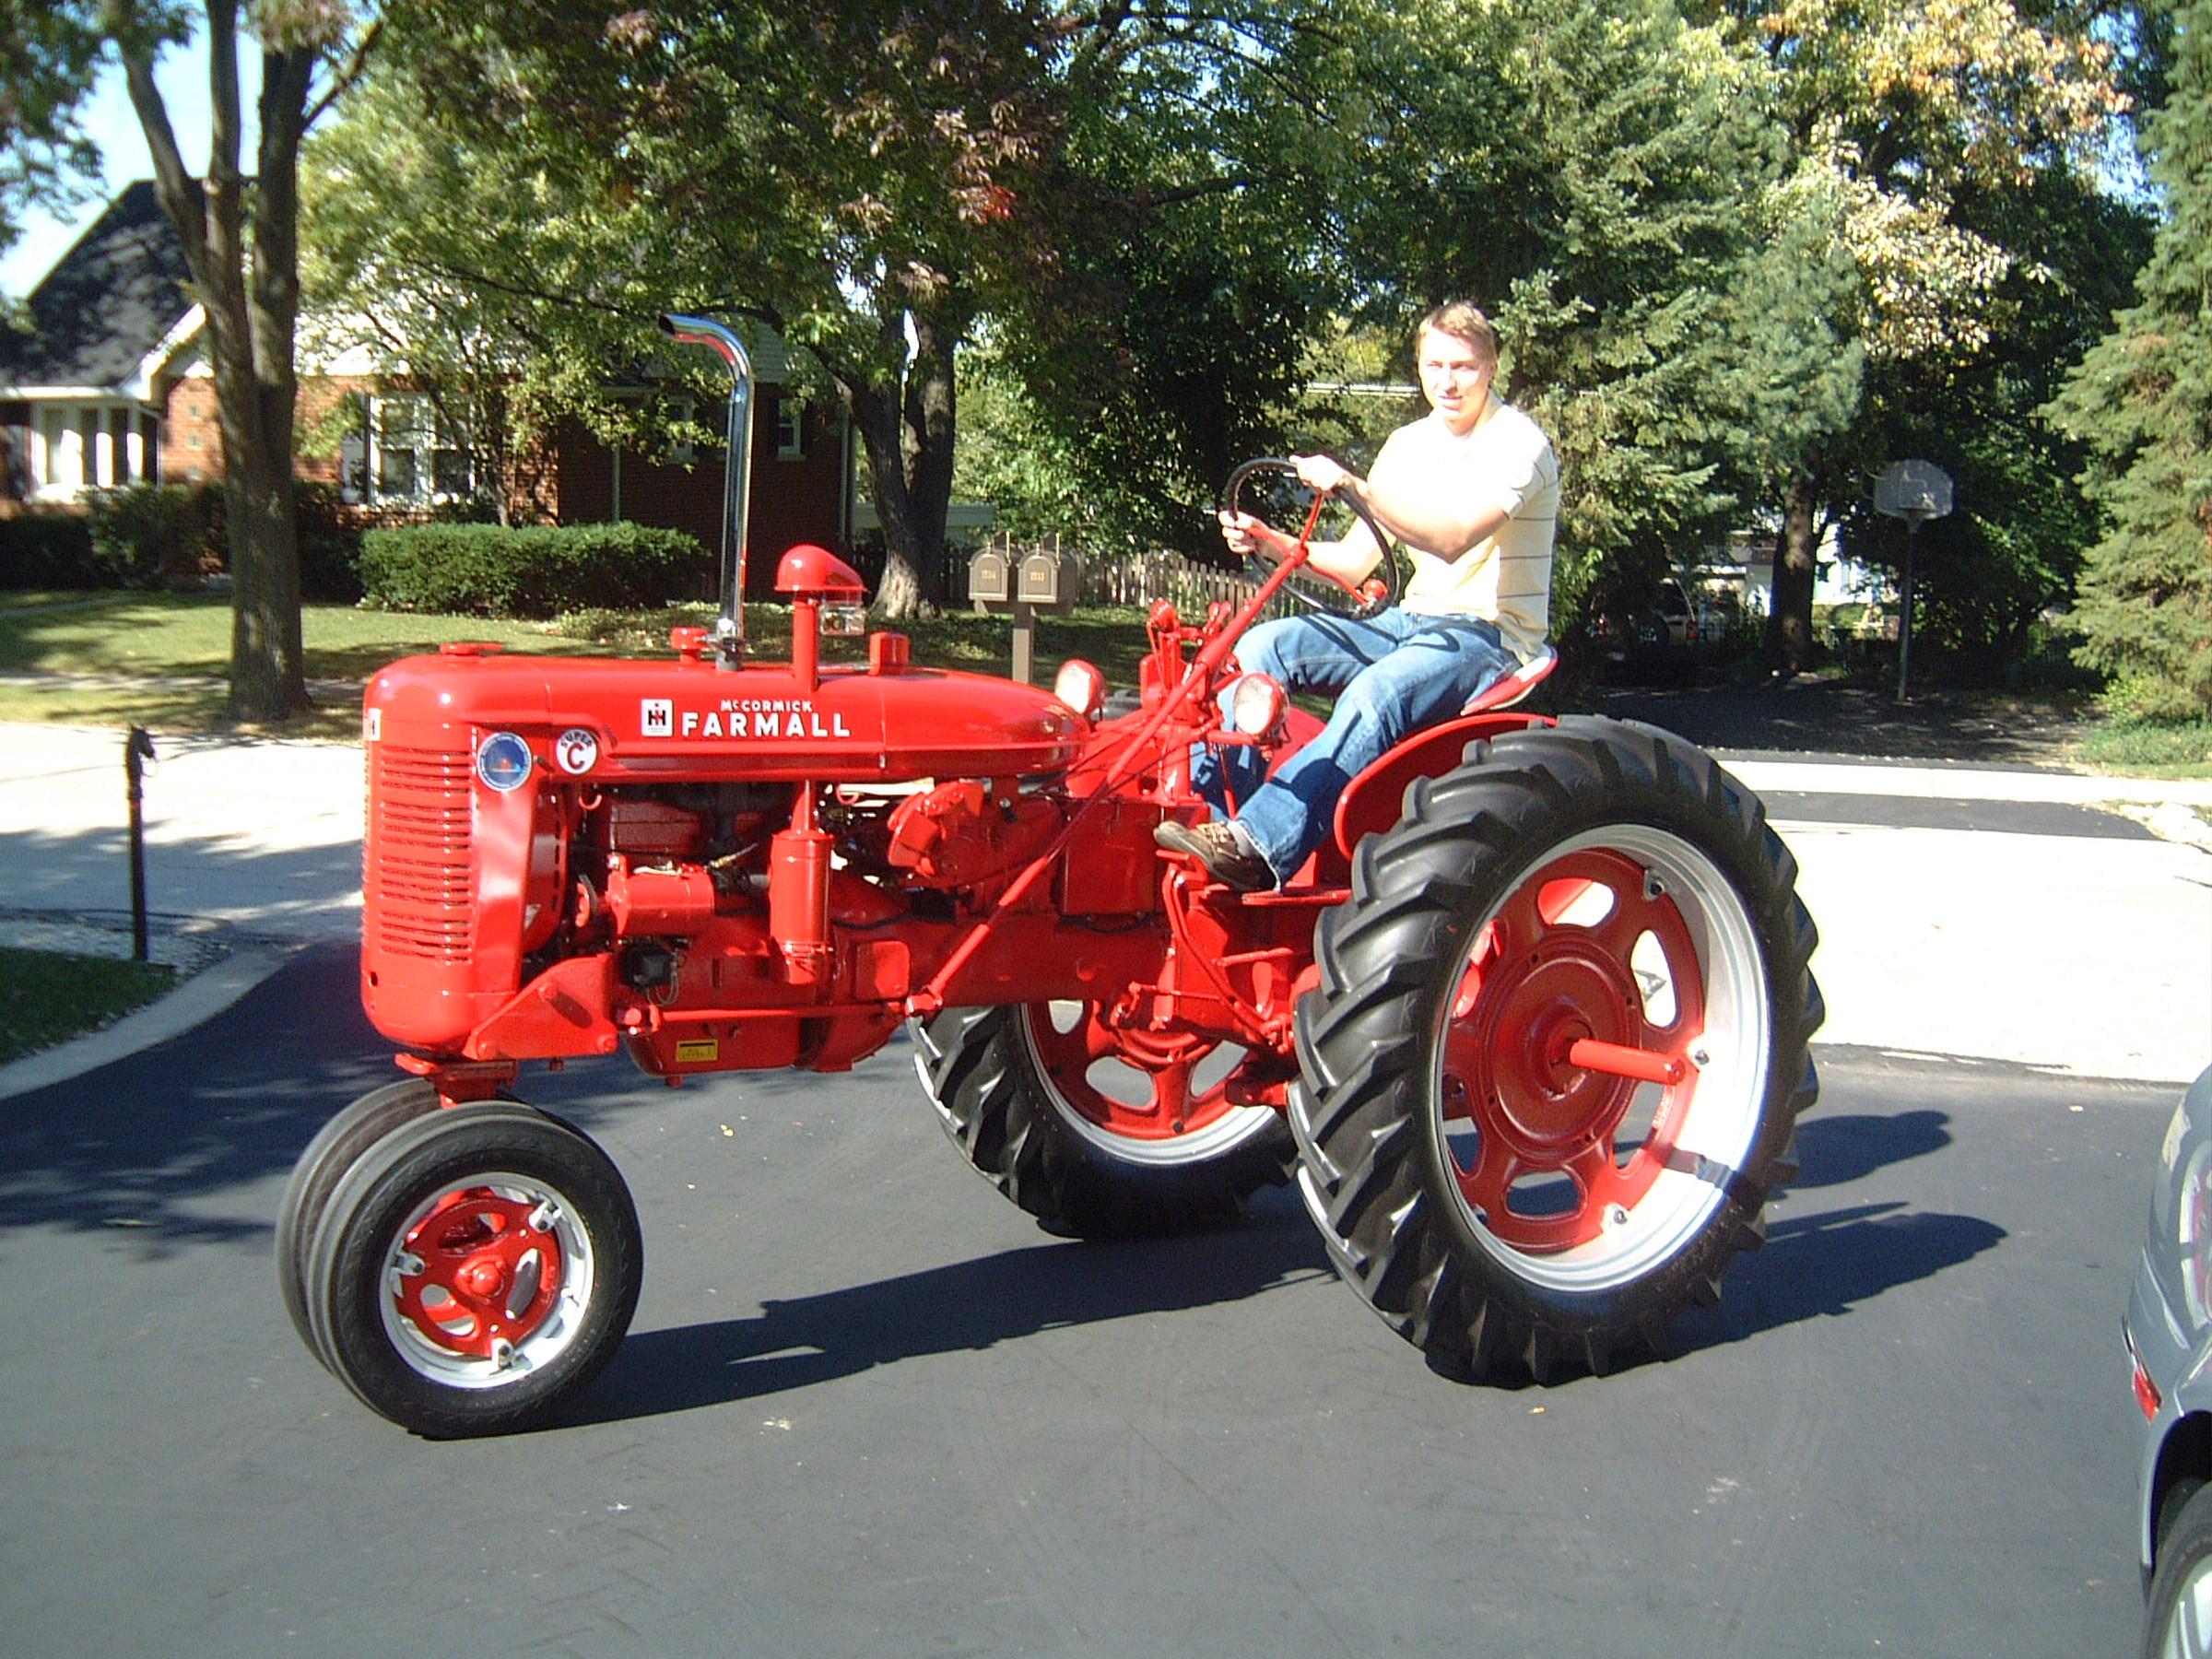 Show off your IH Tractors (showoffyourihtractors com